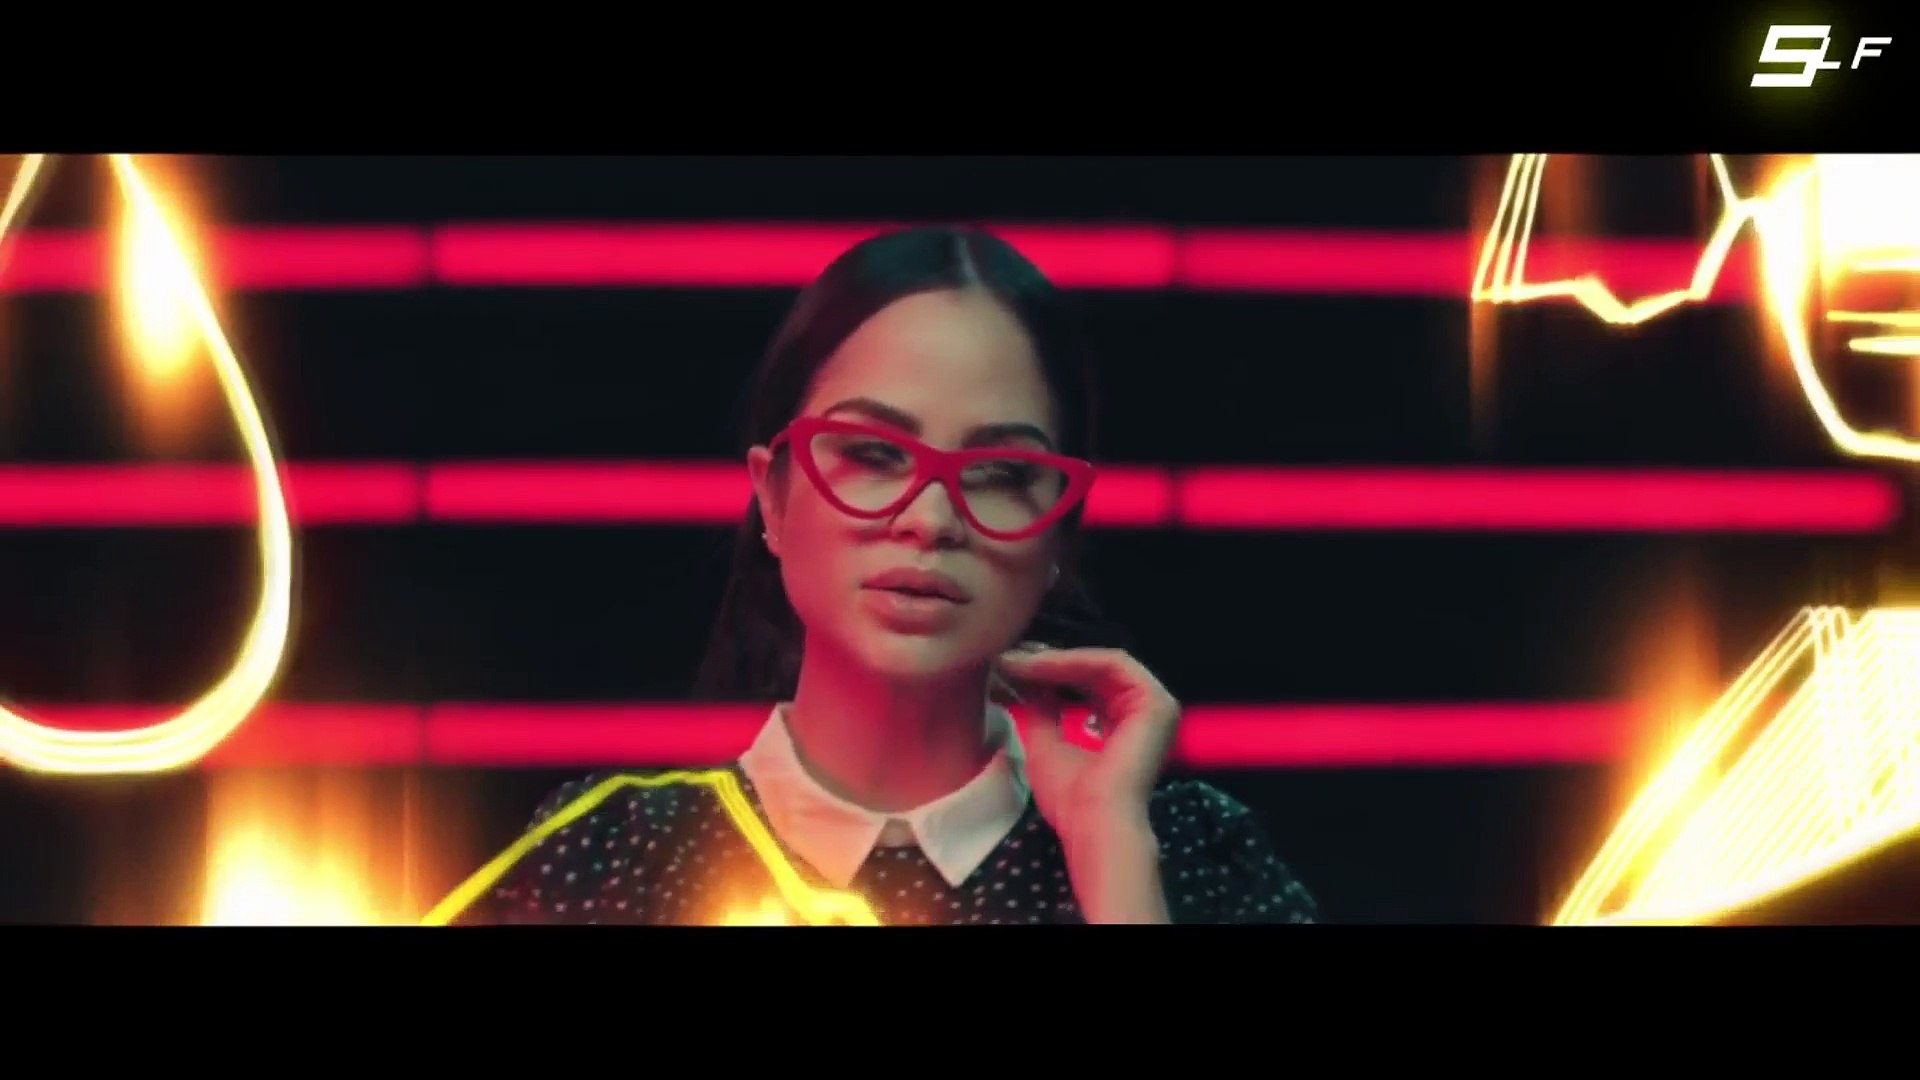 Natti Natasha Ft Ozuna - Criminal (djFranxu).SLF video remix